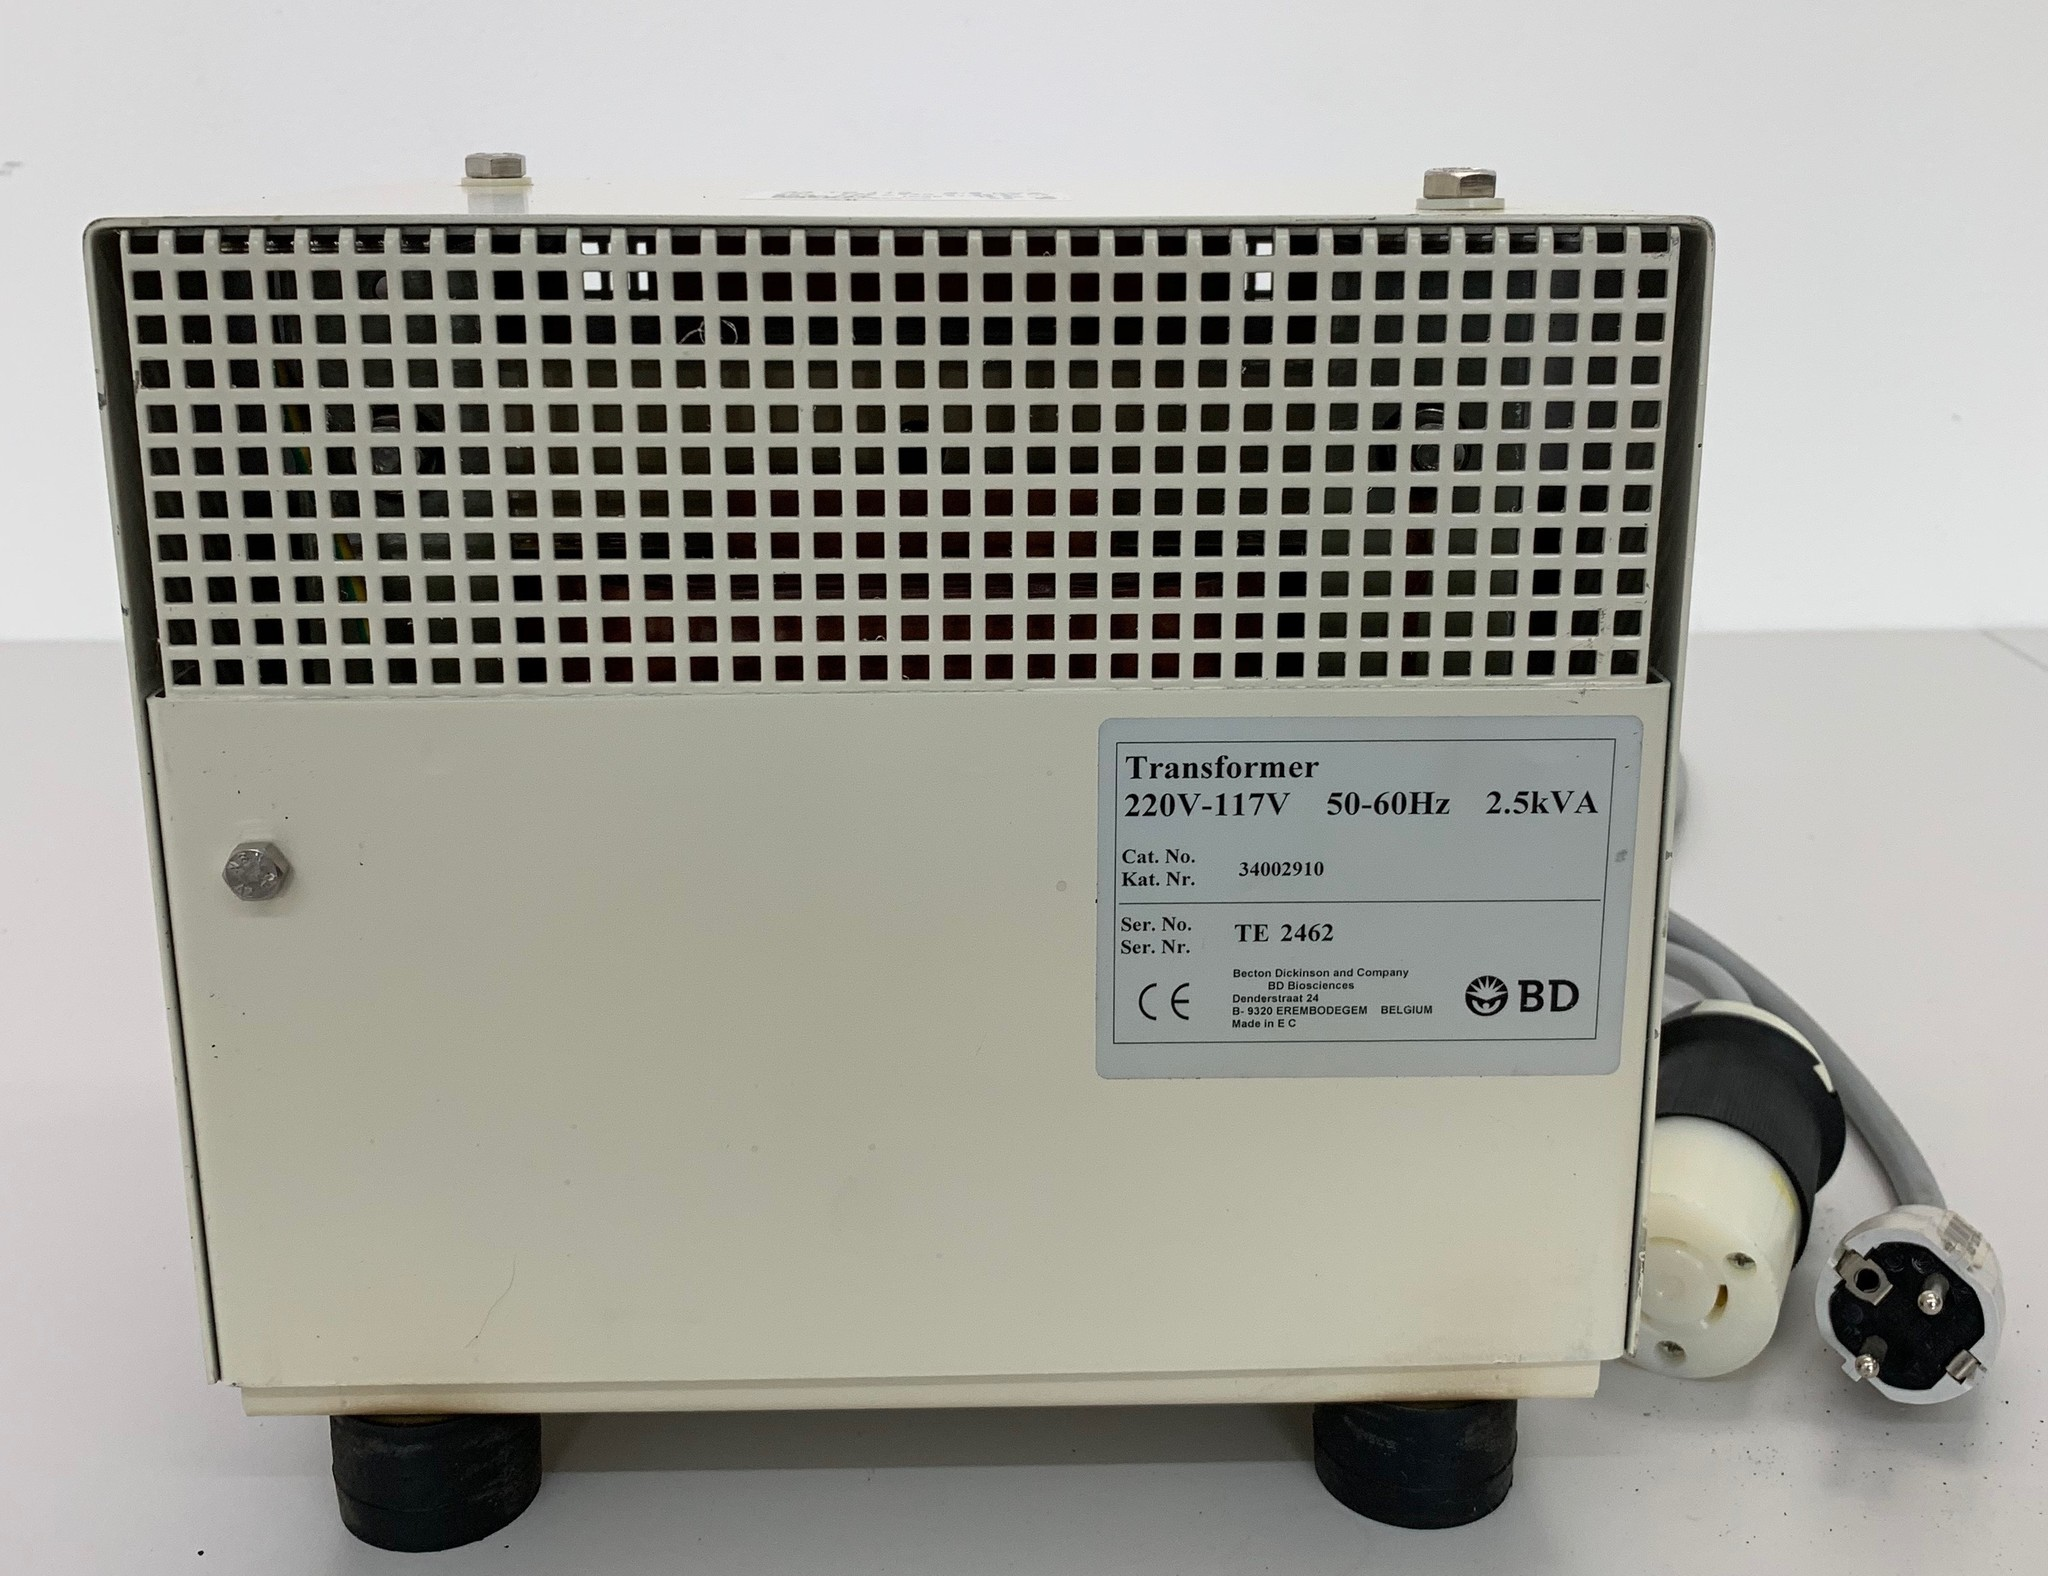 BD BD FACSCalibur Transformer 220V-117V 50-60Hz